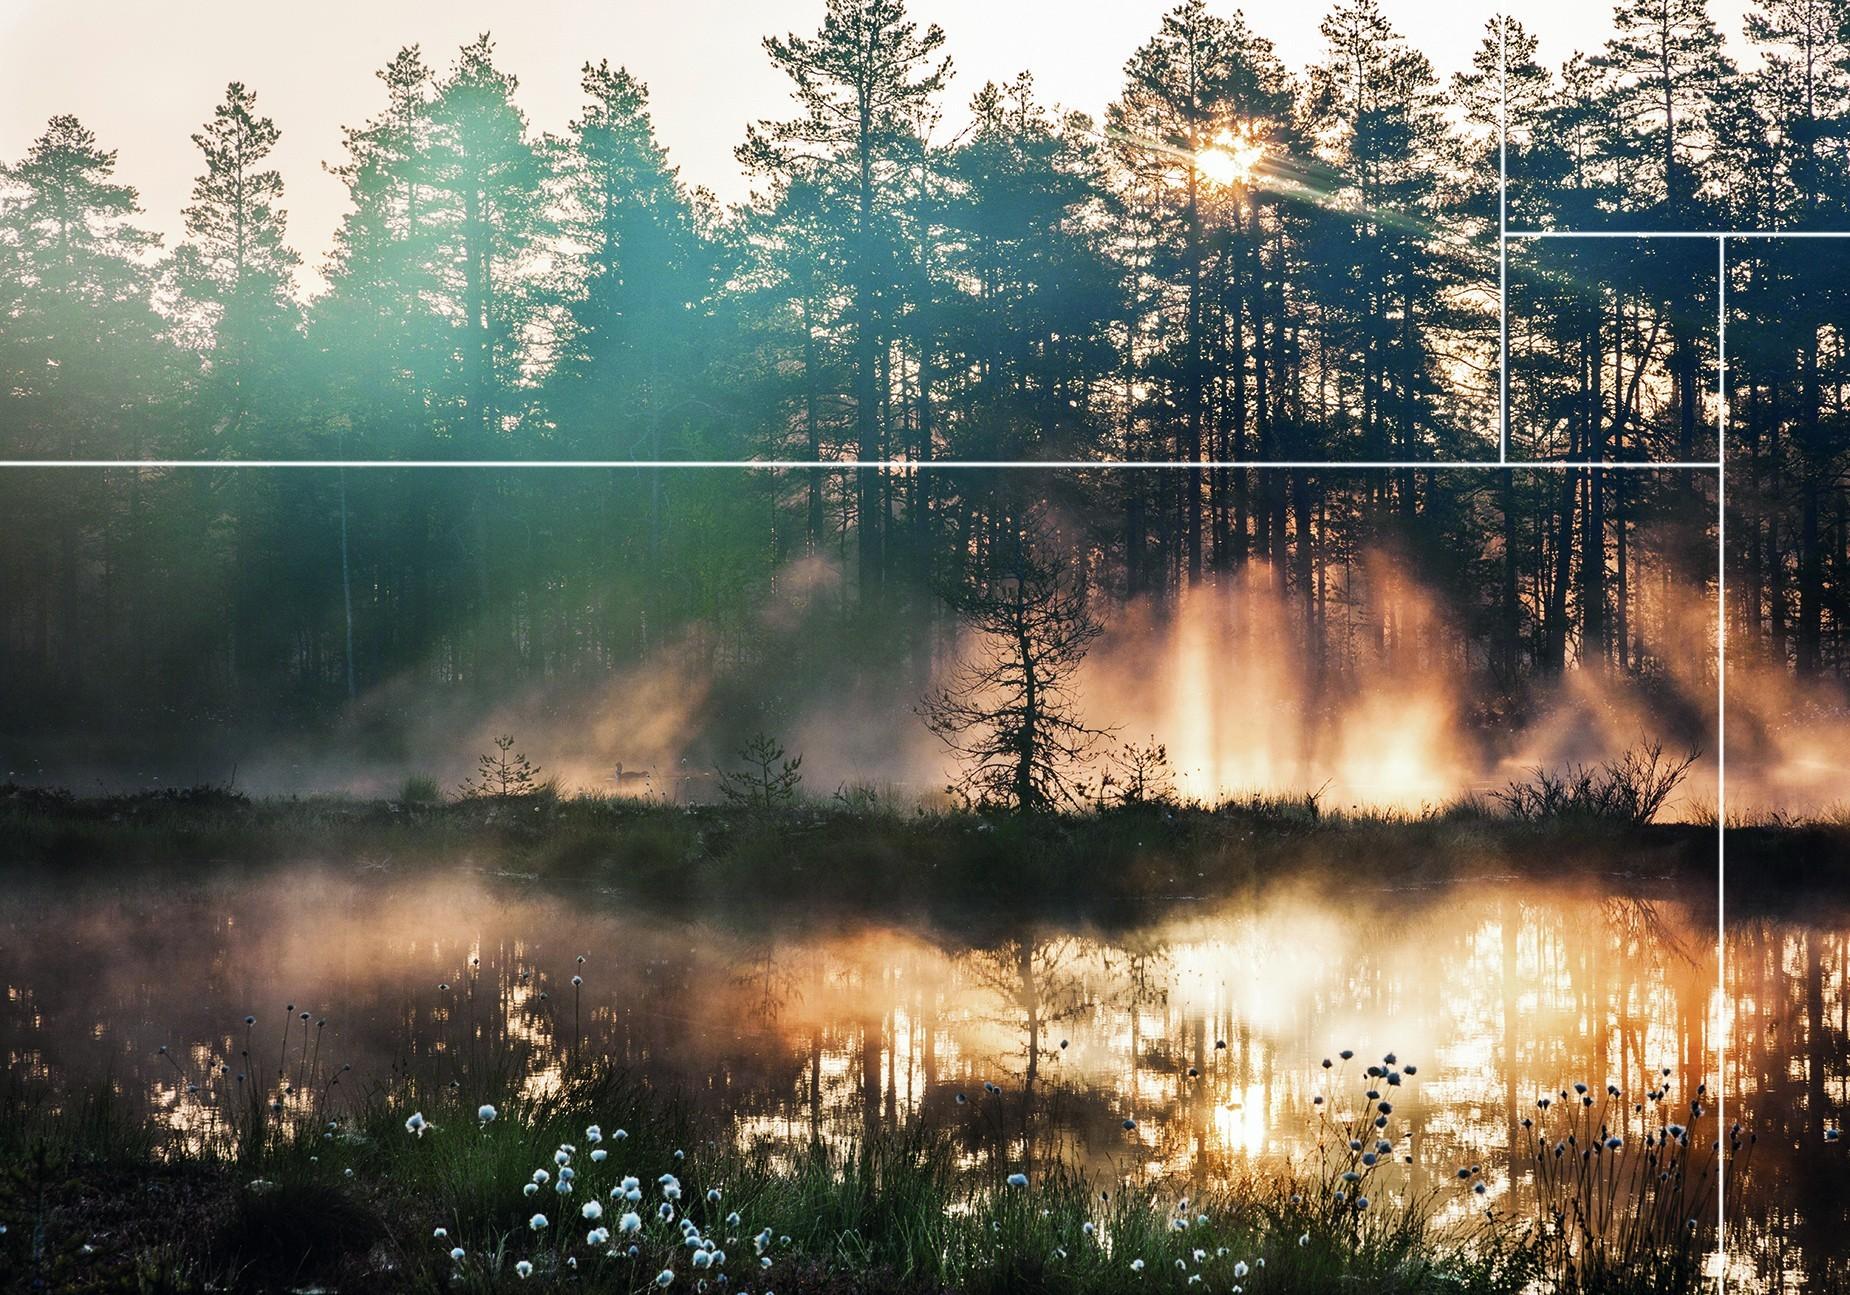 Bekijk de wall panels van de Oulanka Forest collectie |Nature@home